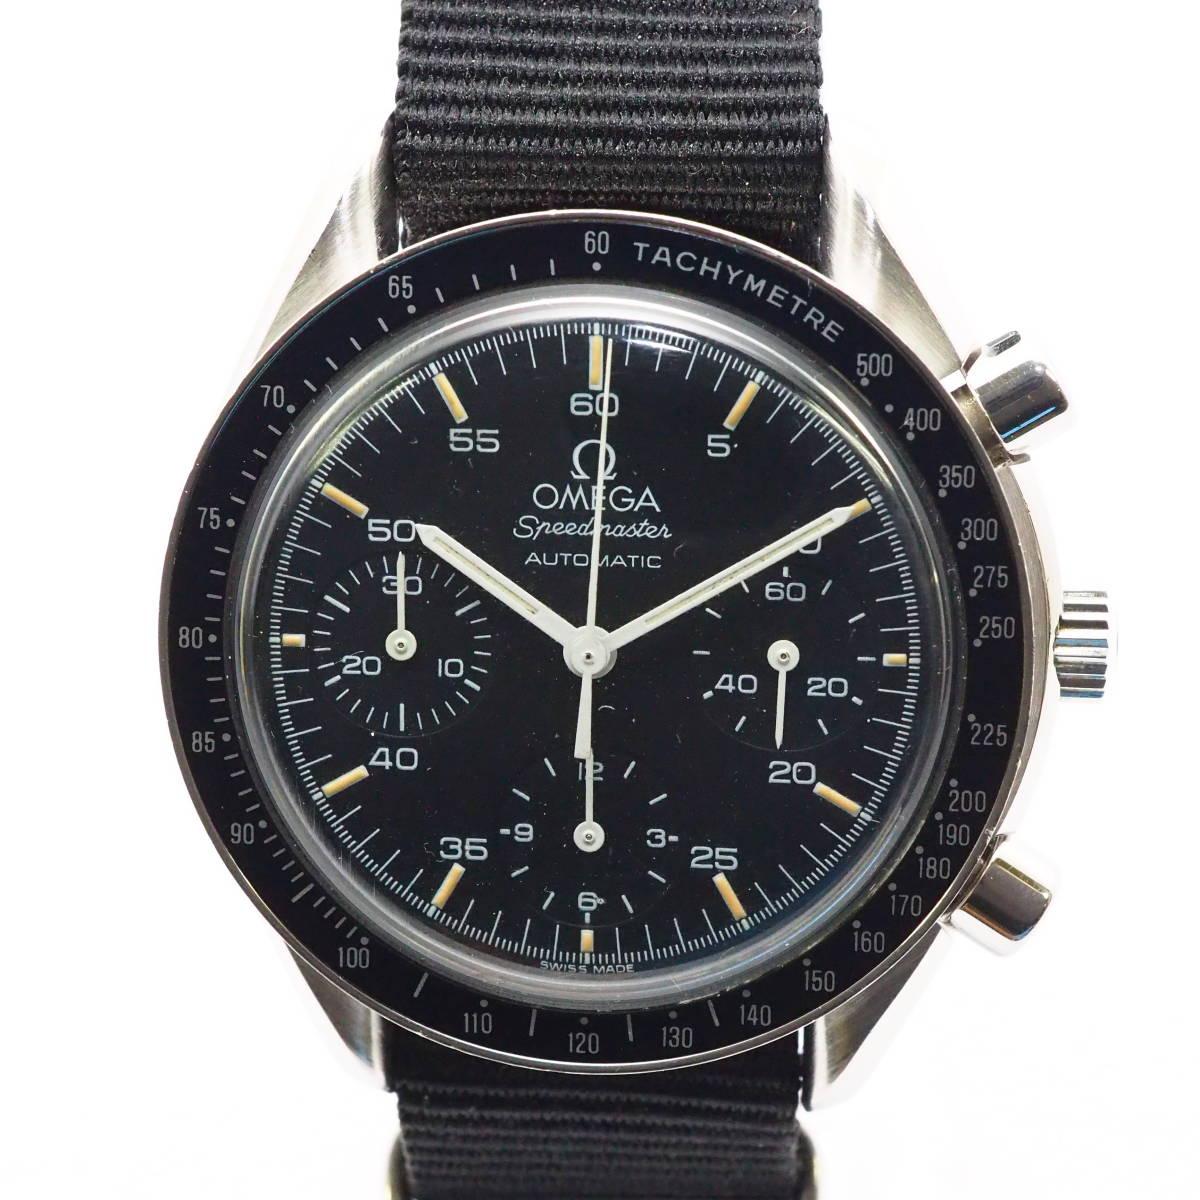 オメガ スピードマスター Ref,175.0032 Cal,1140 OMEGA Speedmaster クロノグラフ 自動巻 メンズ 男性 腕時計 [54039719]